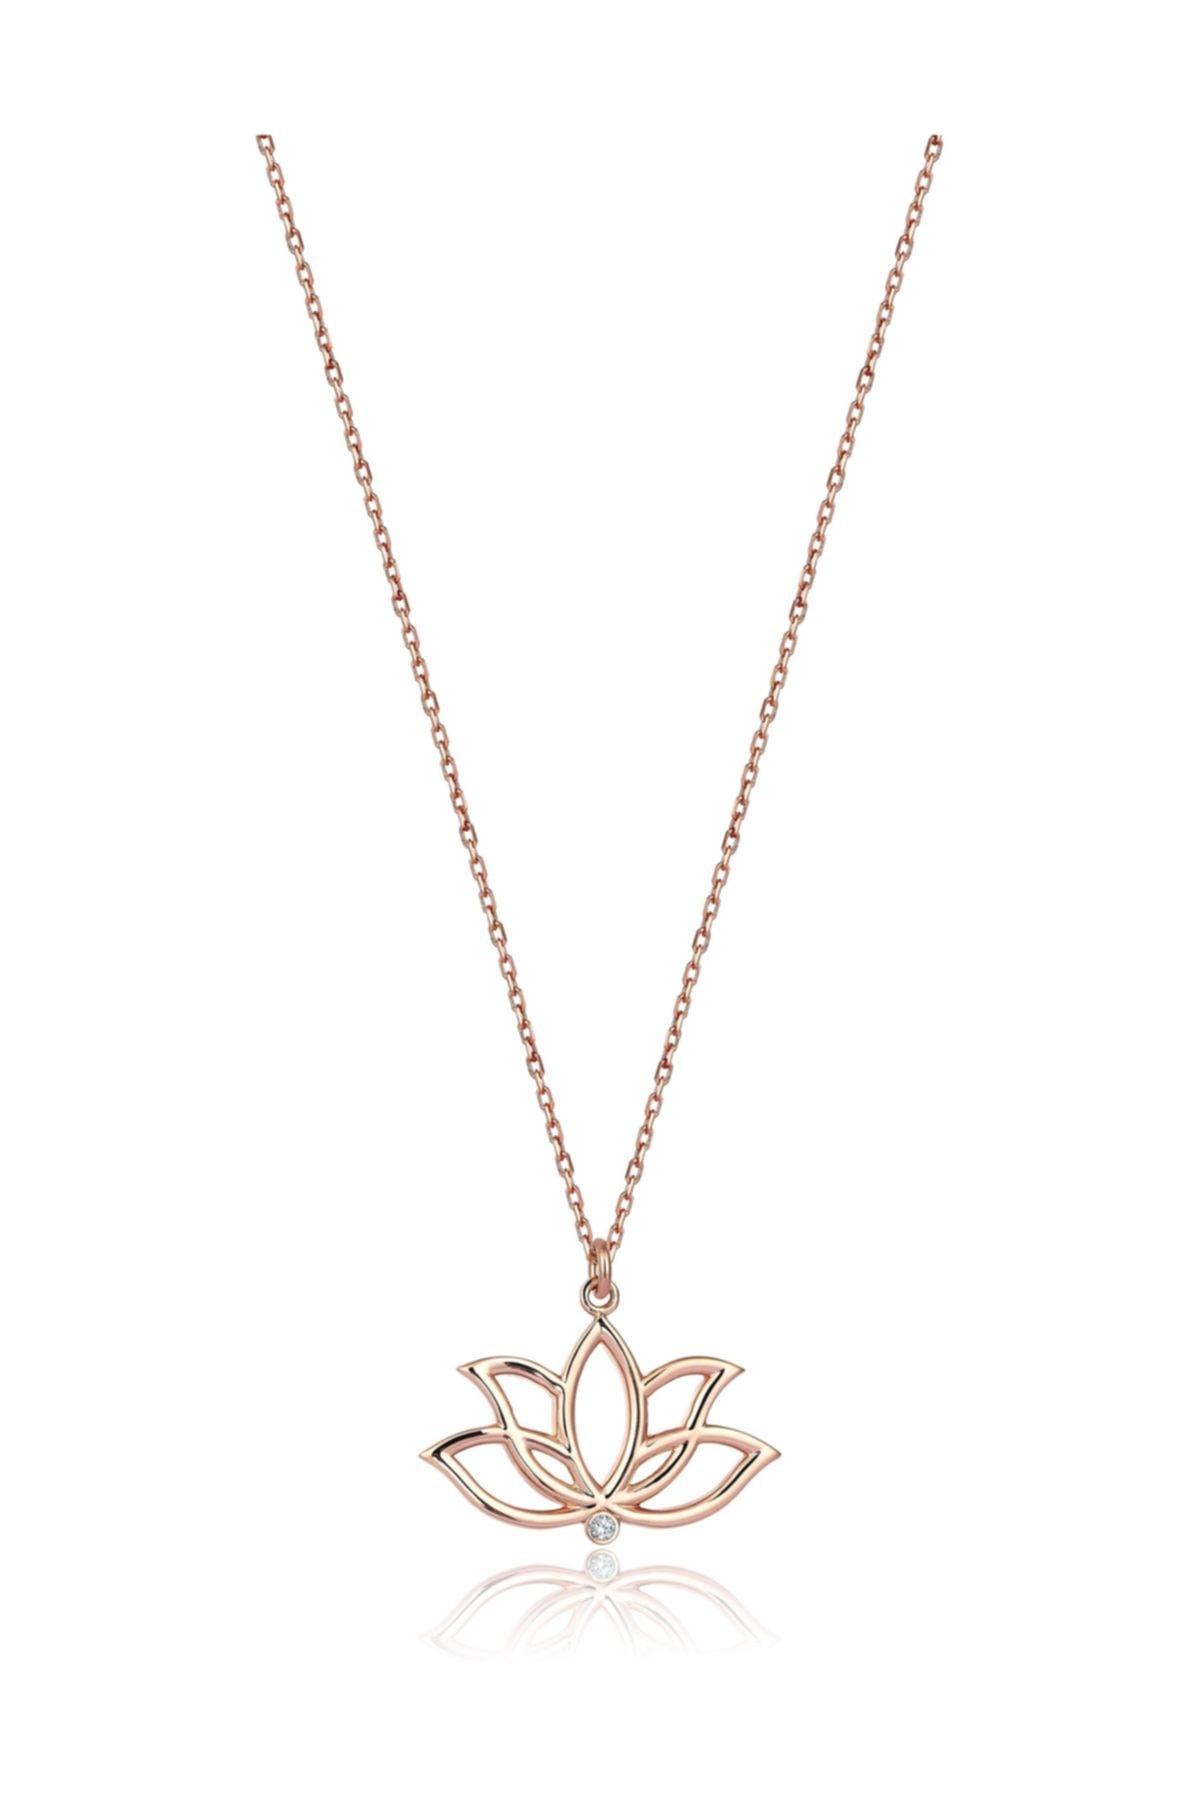 گردنبند زنانه ارزان Marla Jewelry رنگ صورتی ty36356390